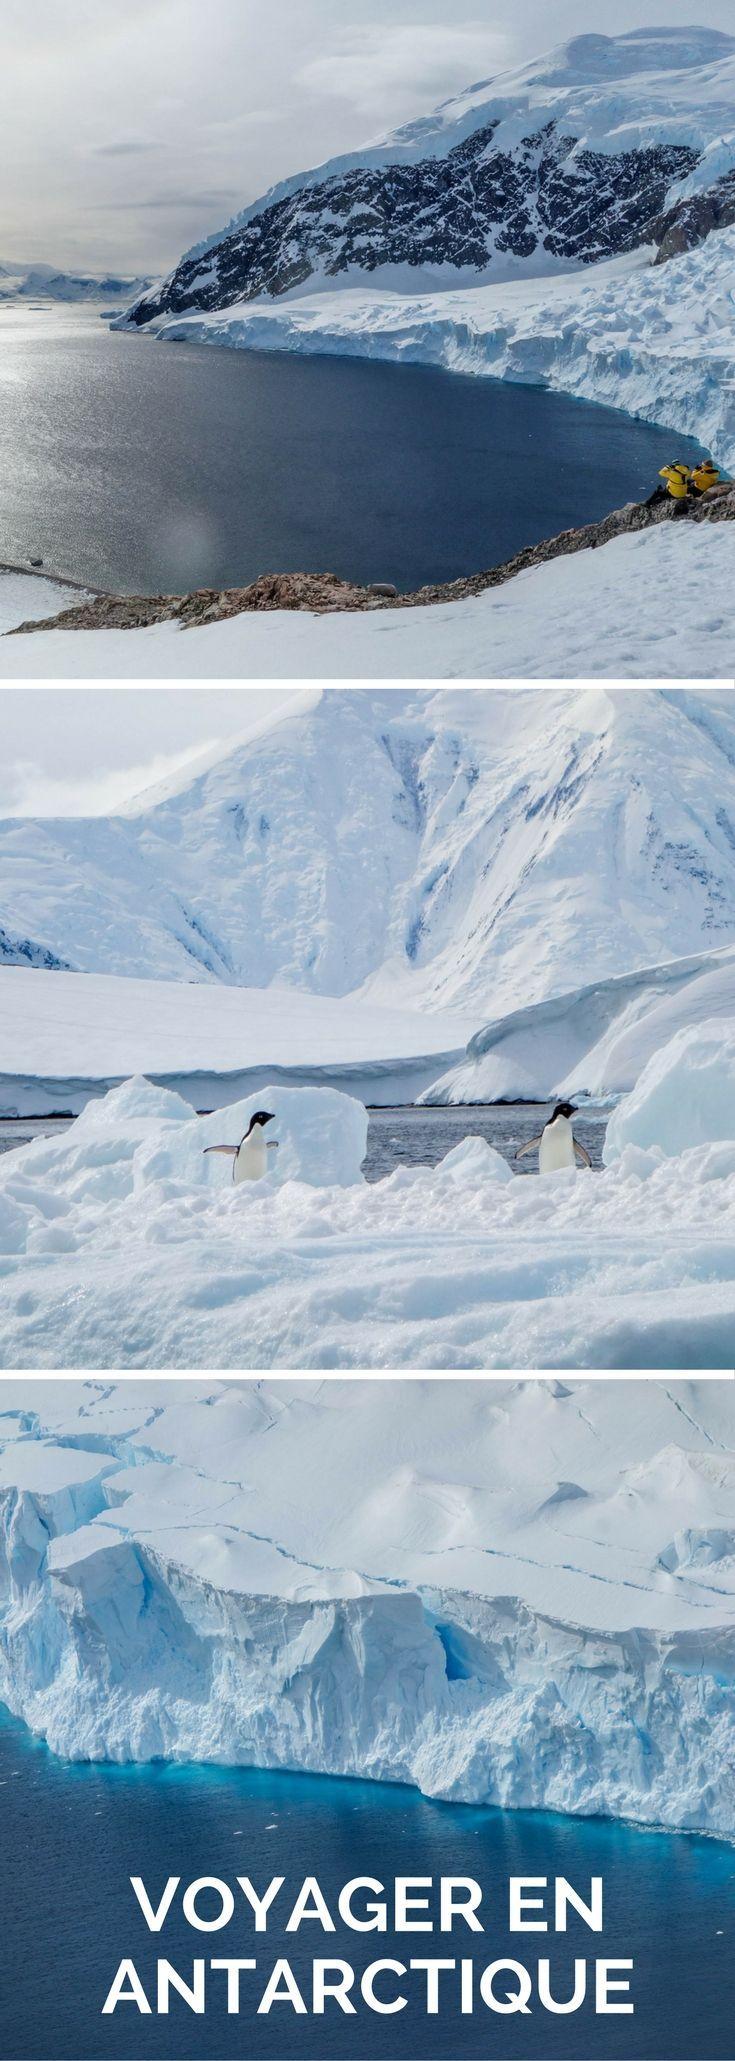 Voyager en Antarctique - Comment préparer un voyage en Antarctique? Le guide pratique complet et ultime pour tout savoir: budget, itinéraire, activités, équipement, faune, santé, sécurité, voyage en solo, croisière de dernière minute, voyage responsable, quelle croisière choisir, que faire en Patagonie et où dormir à Ushuaia... #voyage #antarctique #croisière #expédition #aventure #antartica #quarkexpeditions #offthebeatentrack #cruise